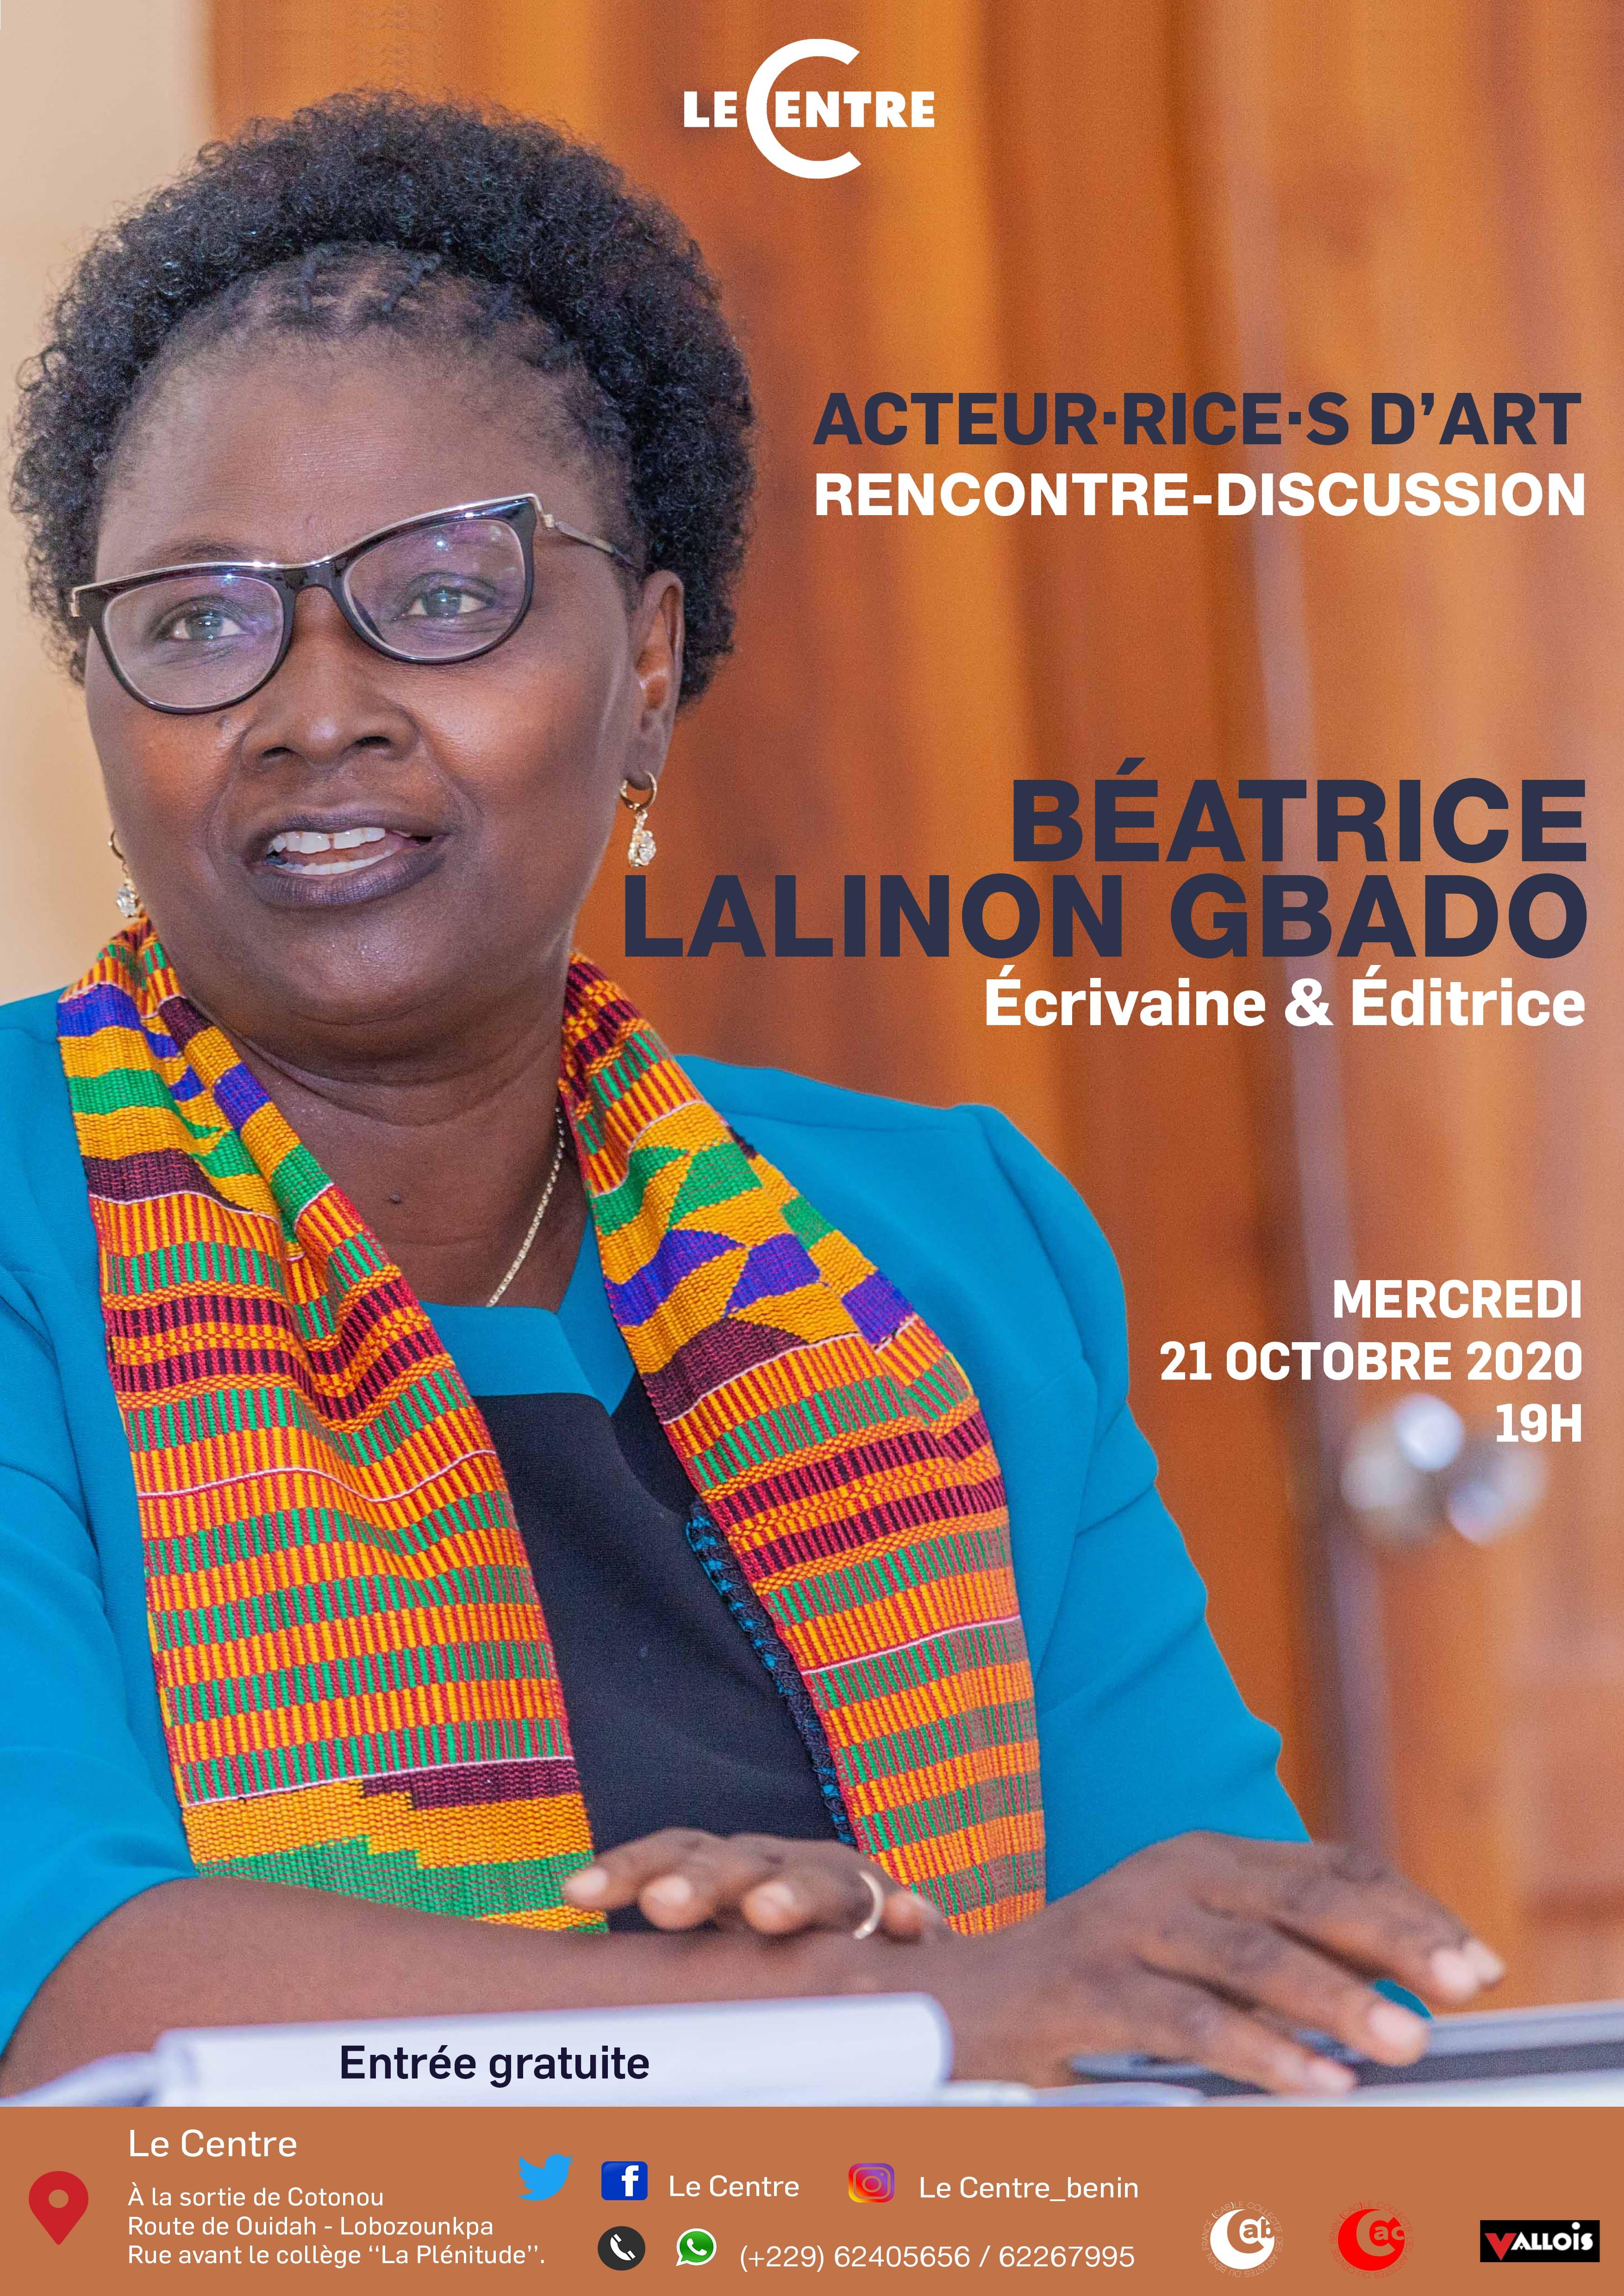 Le Débat Littéraire, Béatrice Lalinon Gbado